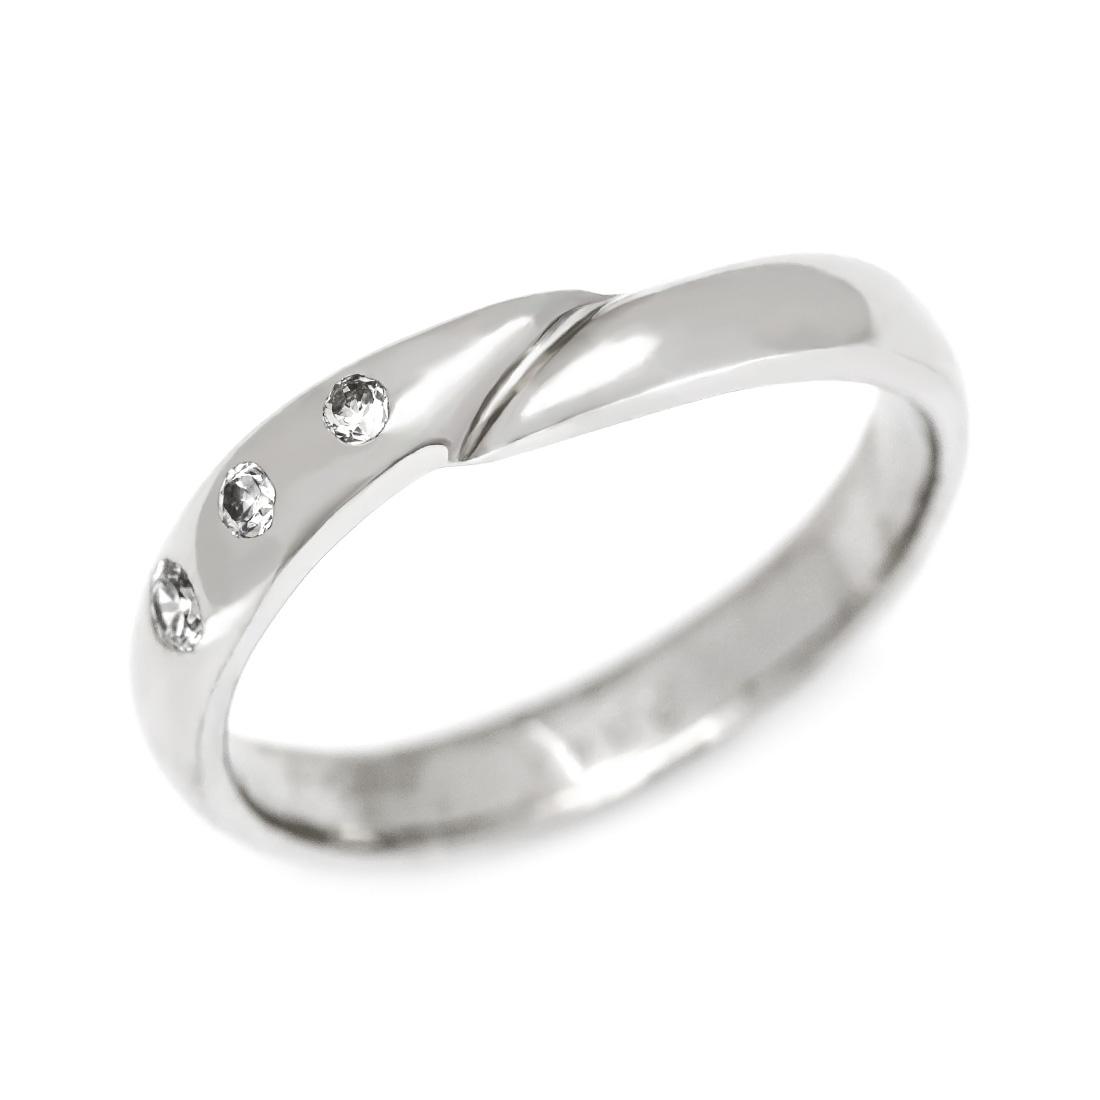 【GWクーポン配布中】マリッジリング ダイヤモンド 「Hold」 プラチナ900 (レディース:1~20号)